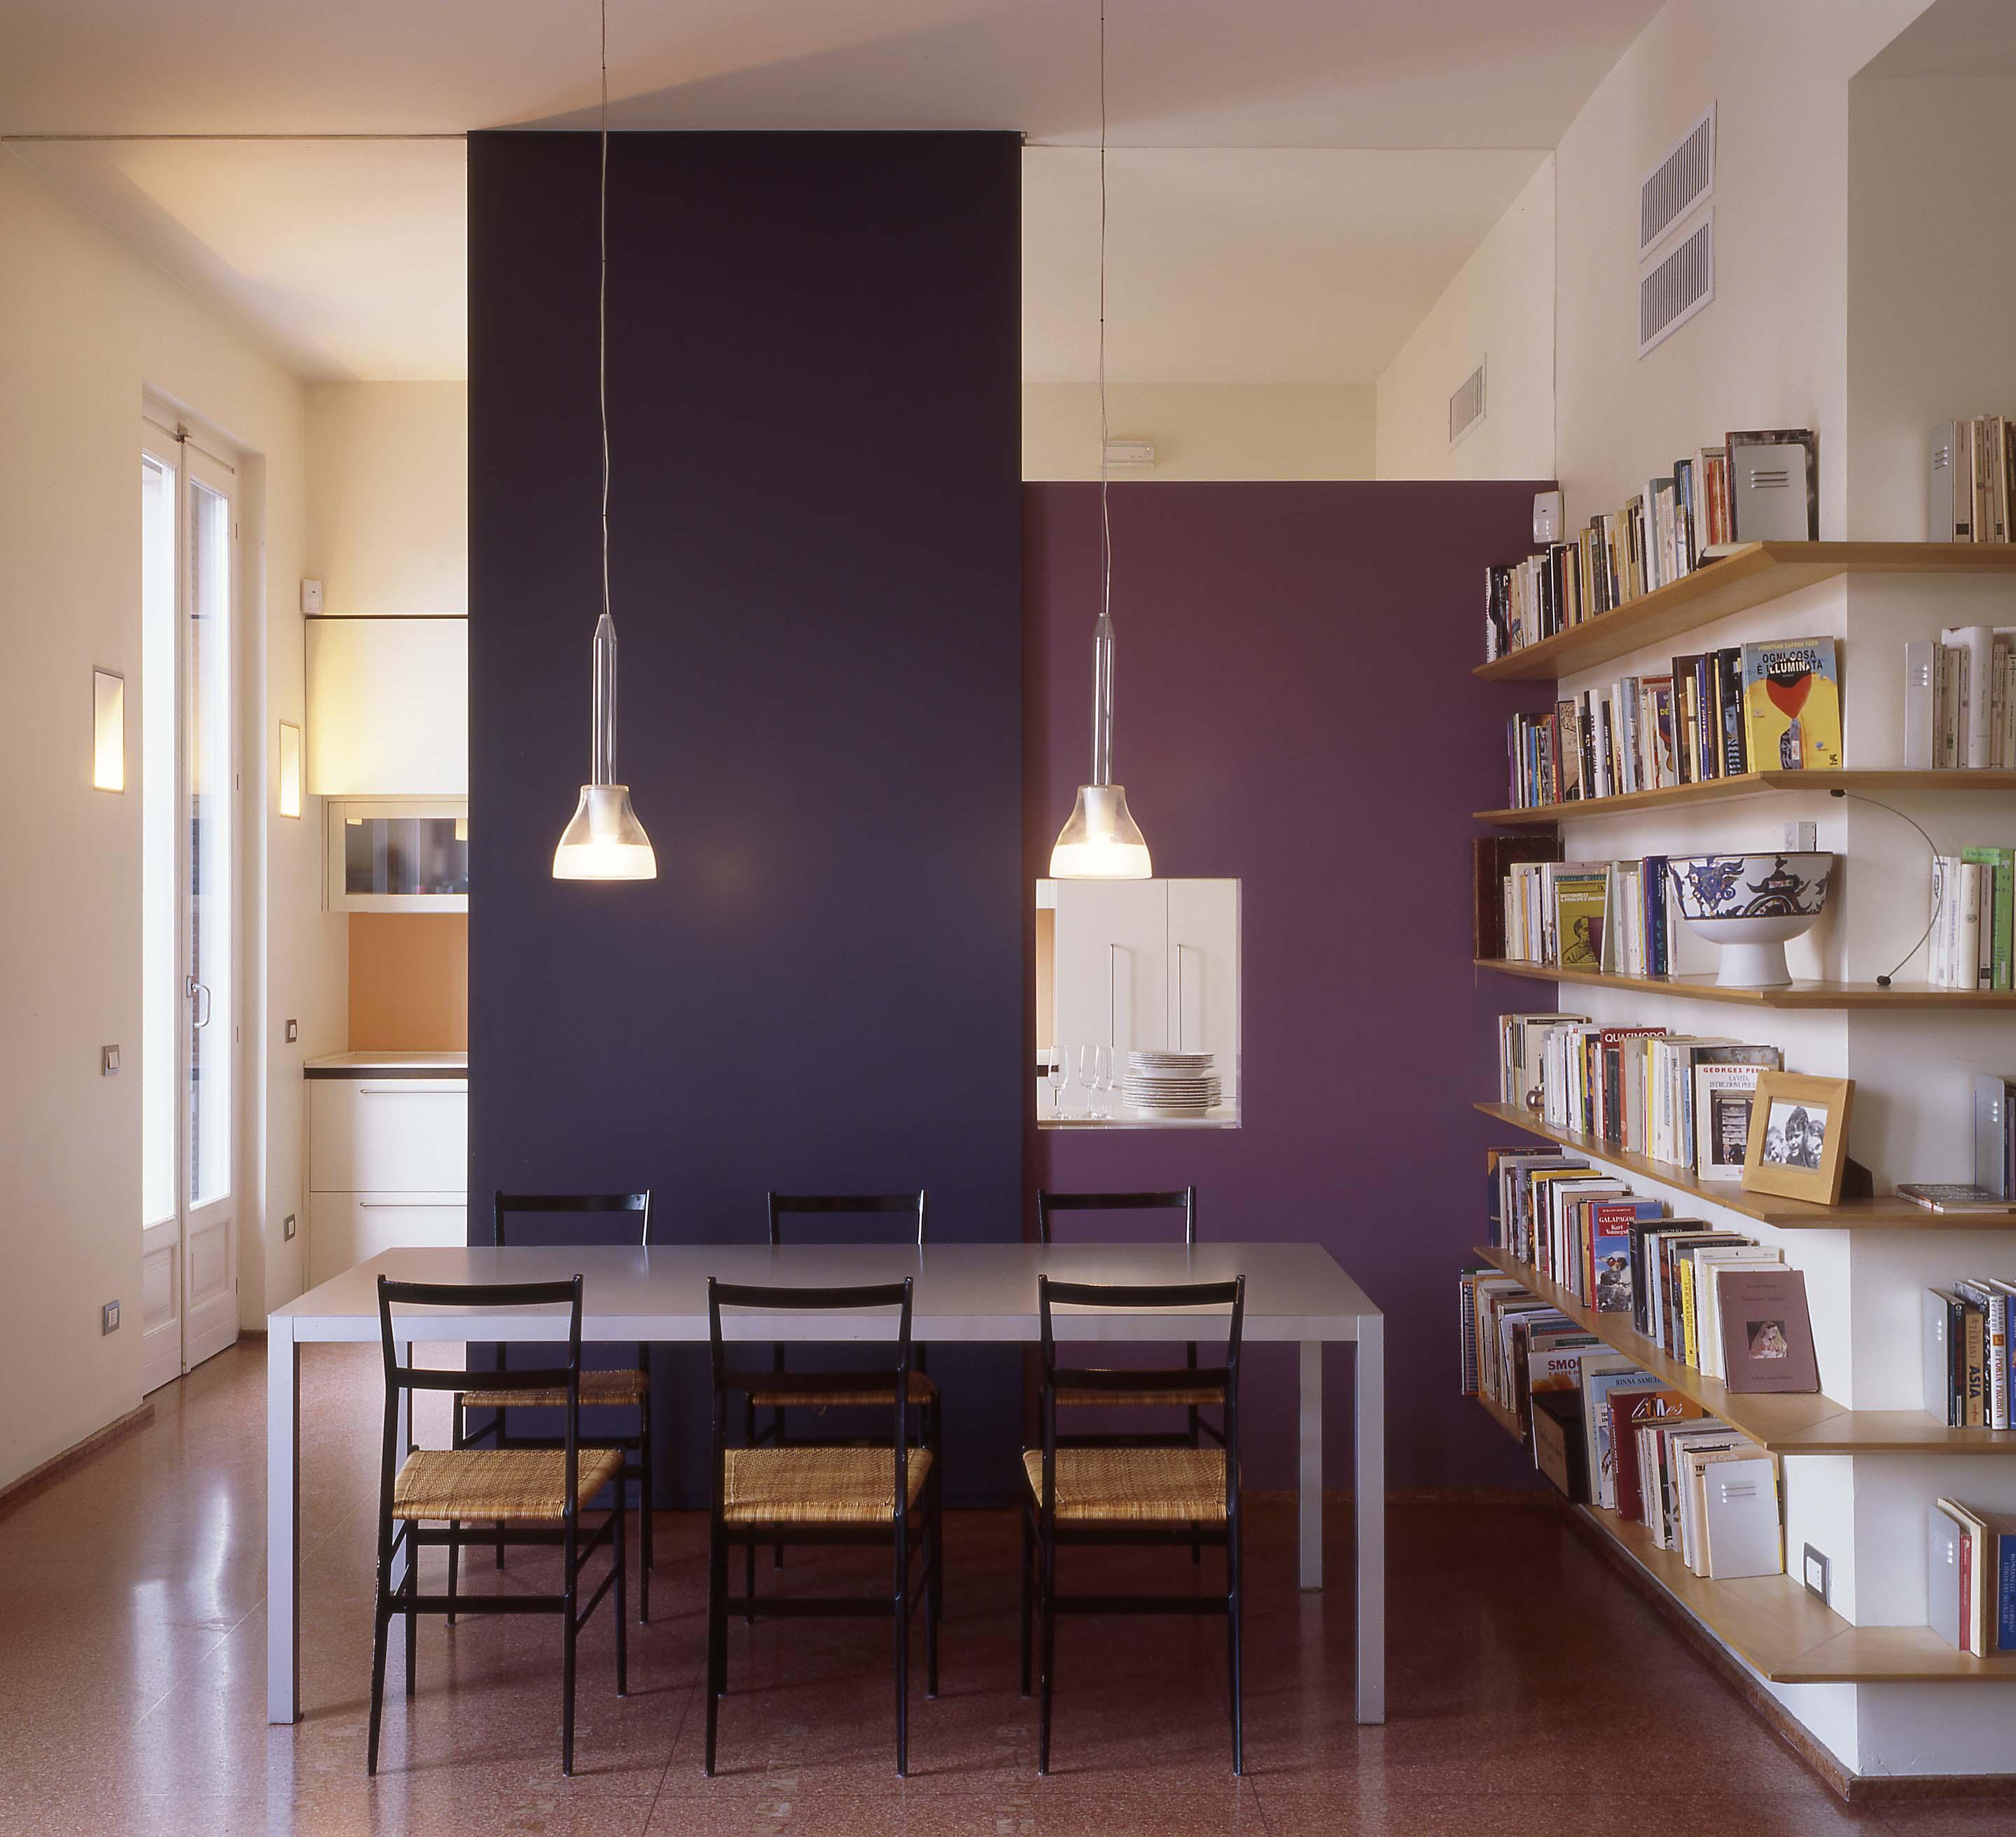 La Sala Da Pranzo Colorata Illuminata Dalla Luce Che Arriva Dal  #876544 2879 2623 La Cucina Disegni Per Bambini